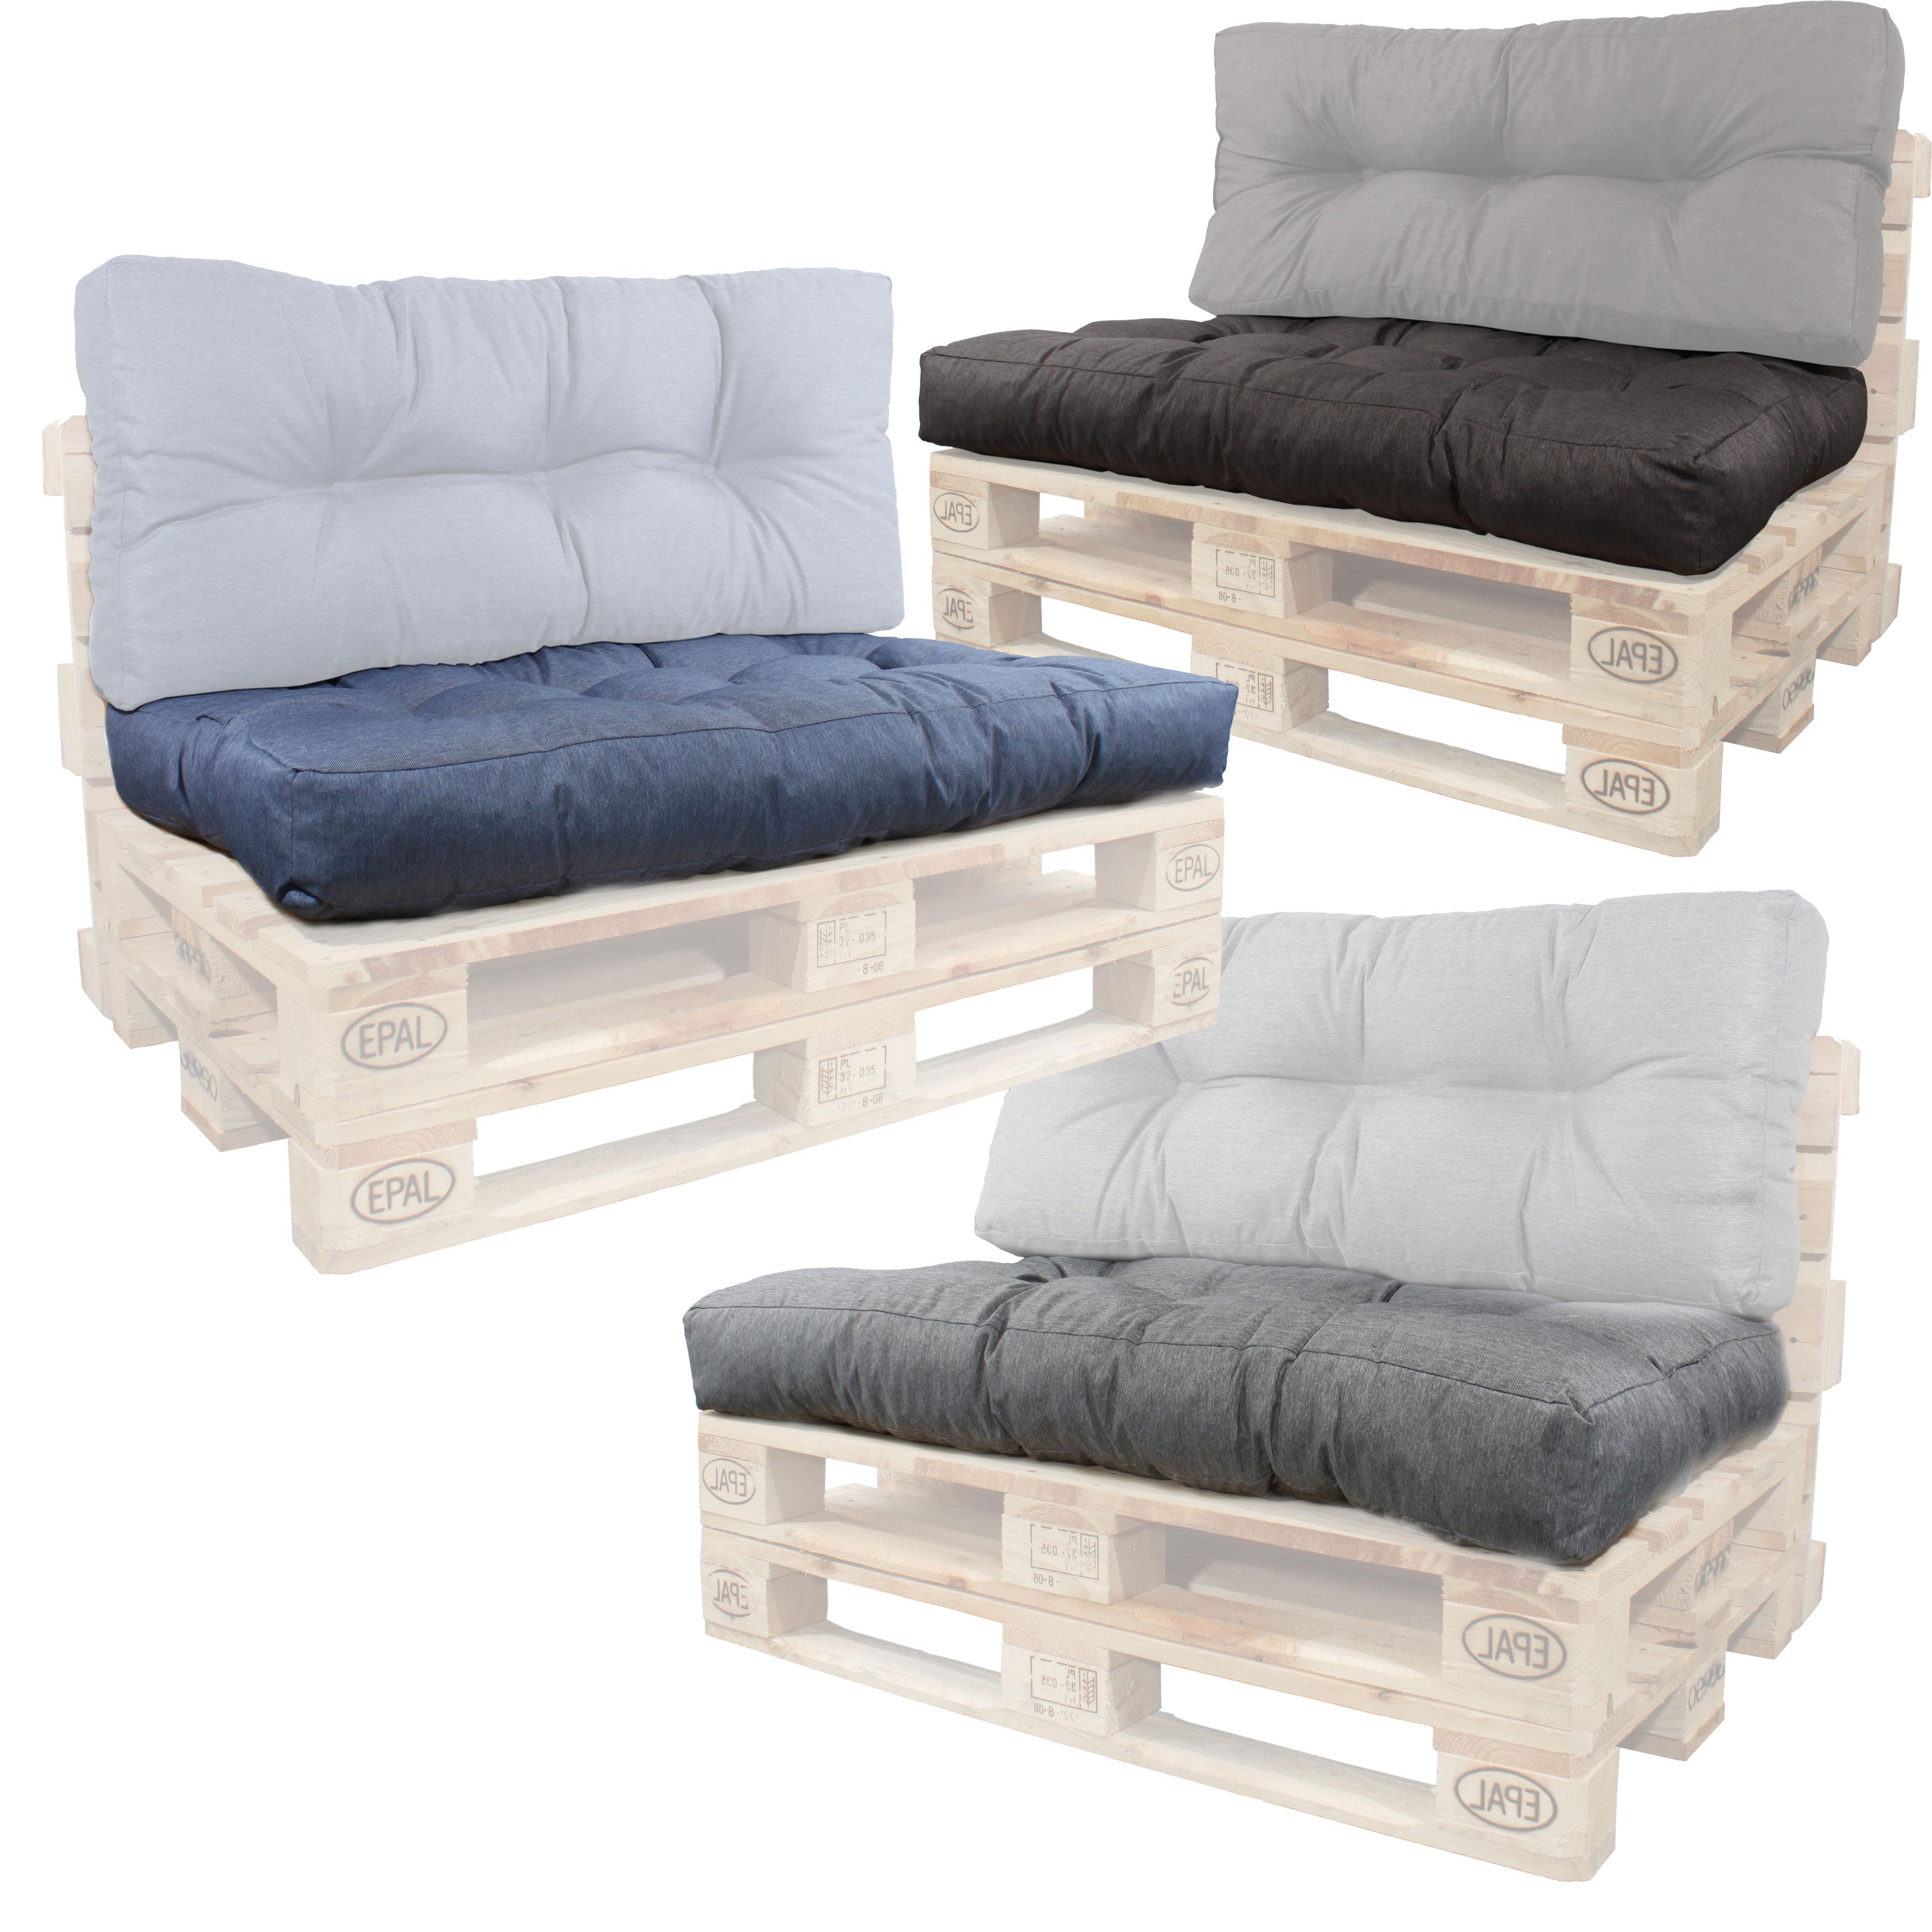 Pallet Furniture, Pallet Furniture Images